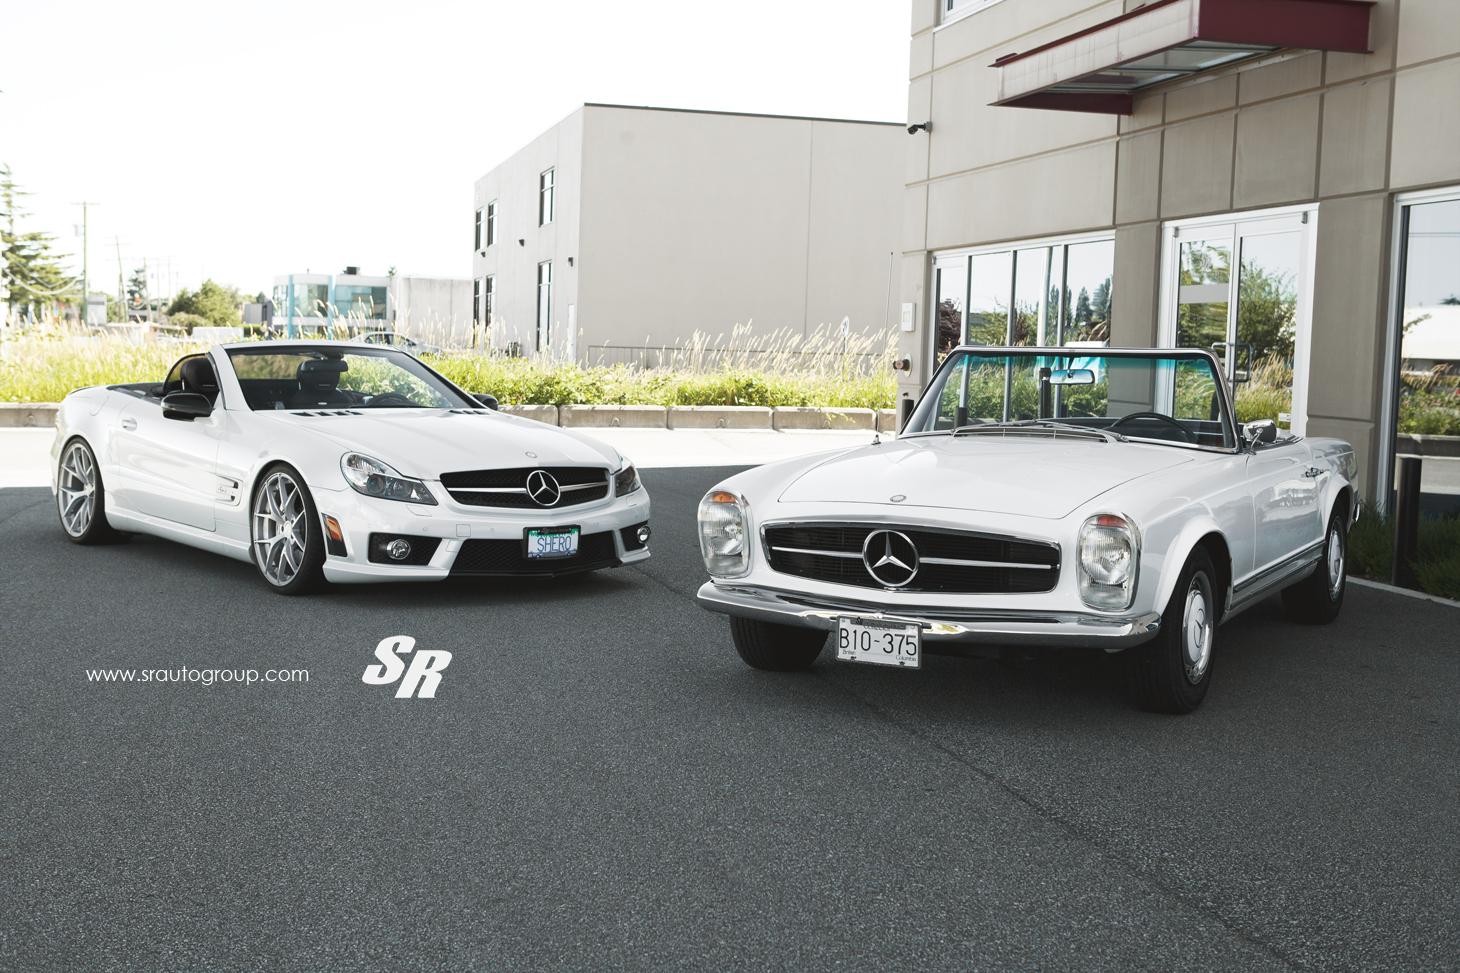 R230 Mercedes SL 63 AMG Meets the Classic 230SL - autoevolution